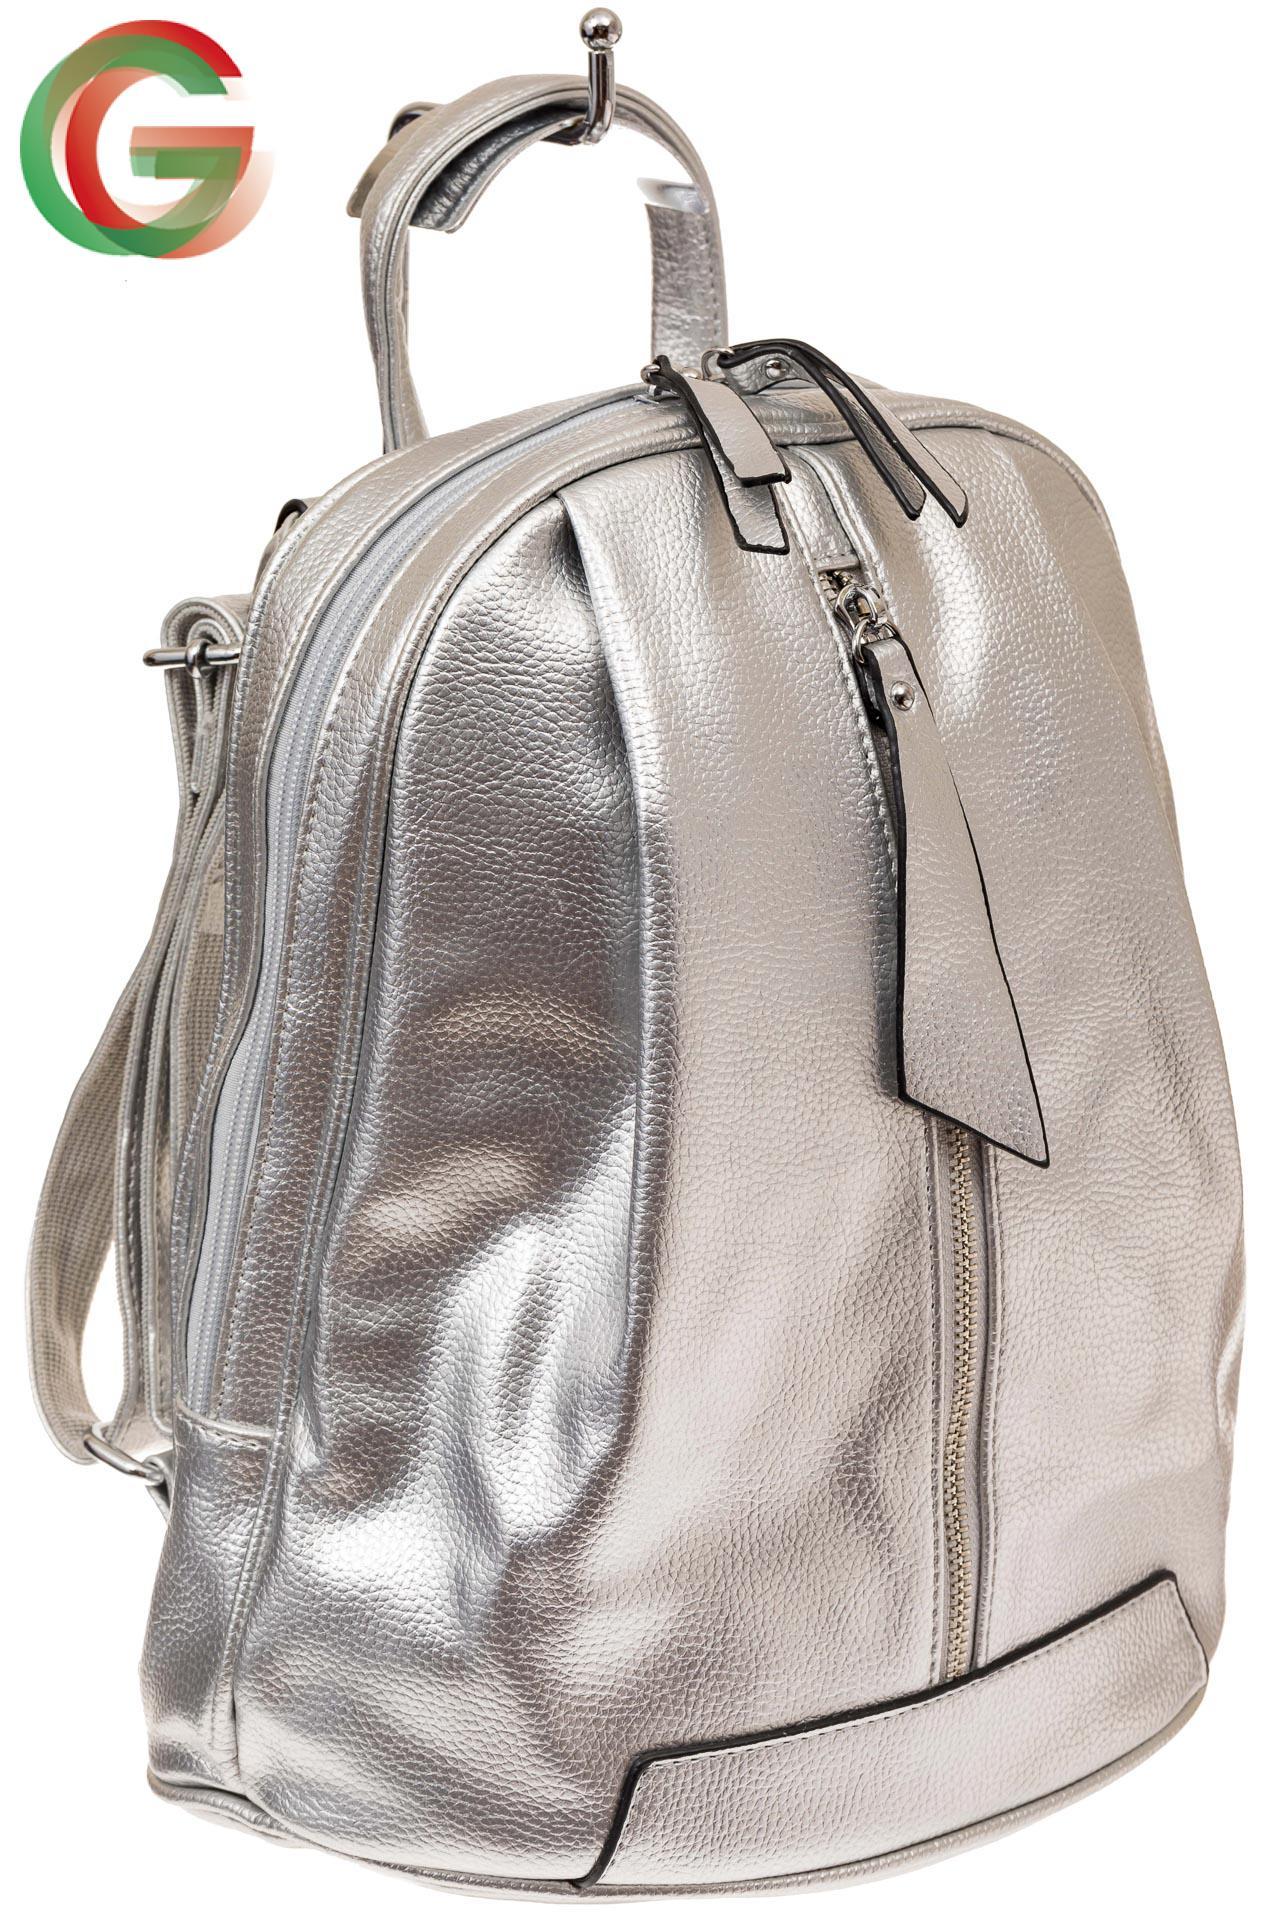 8b72b3da7176 Женский рюкзак из искусственной кожи, цвет серебро